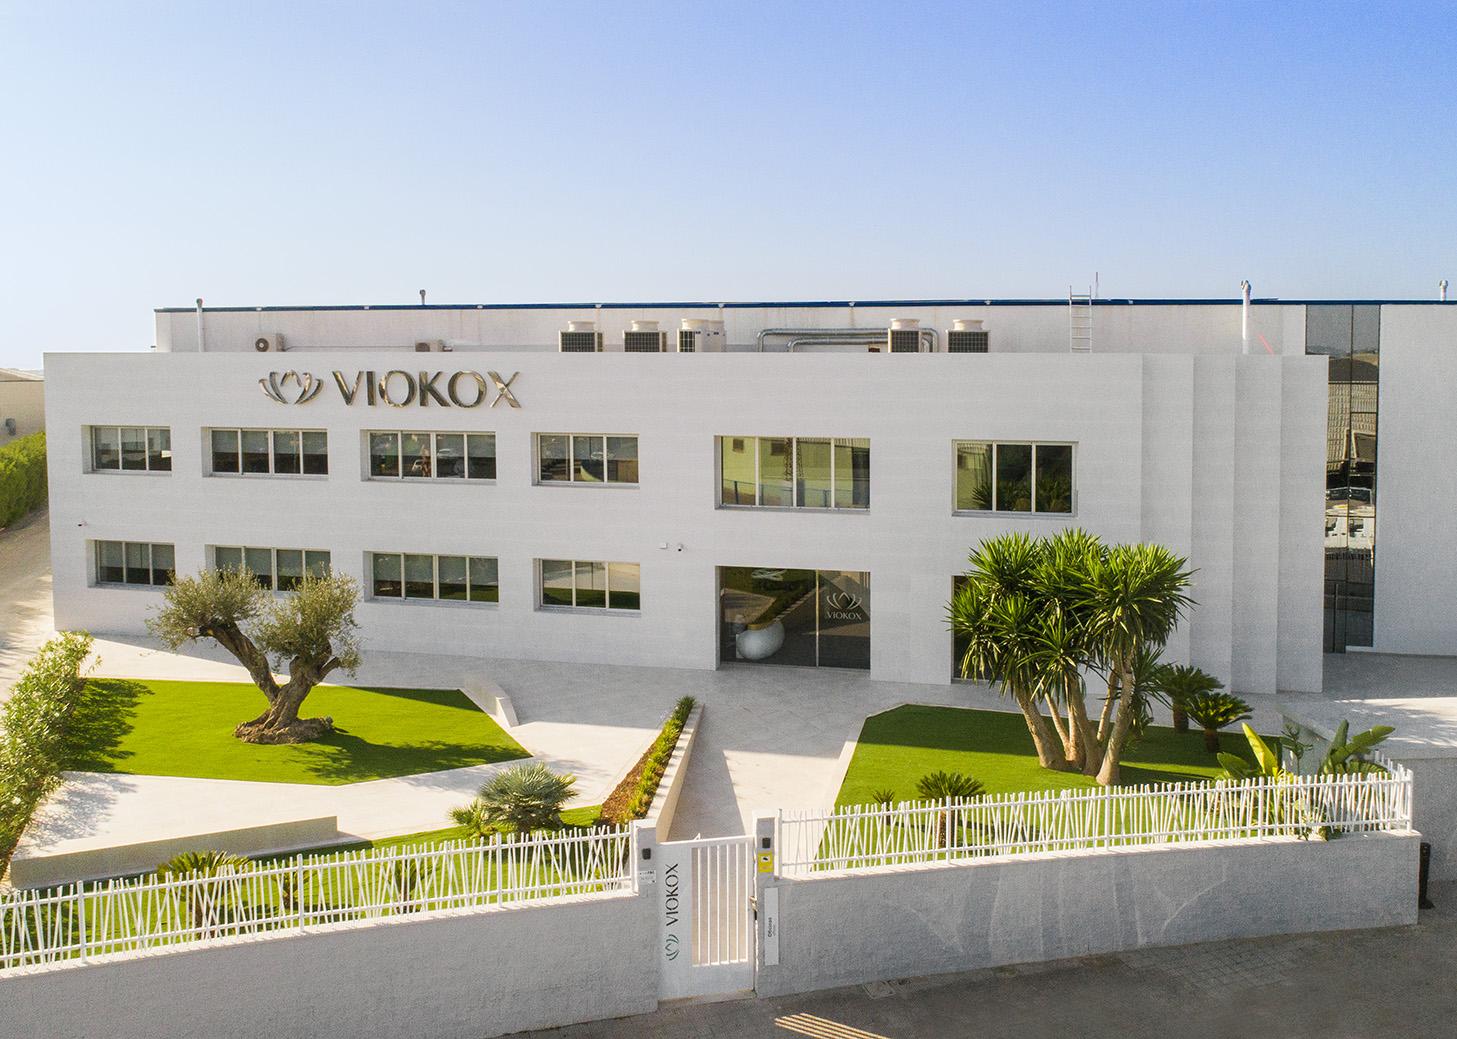 Fábrica Viokox